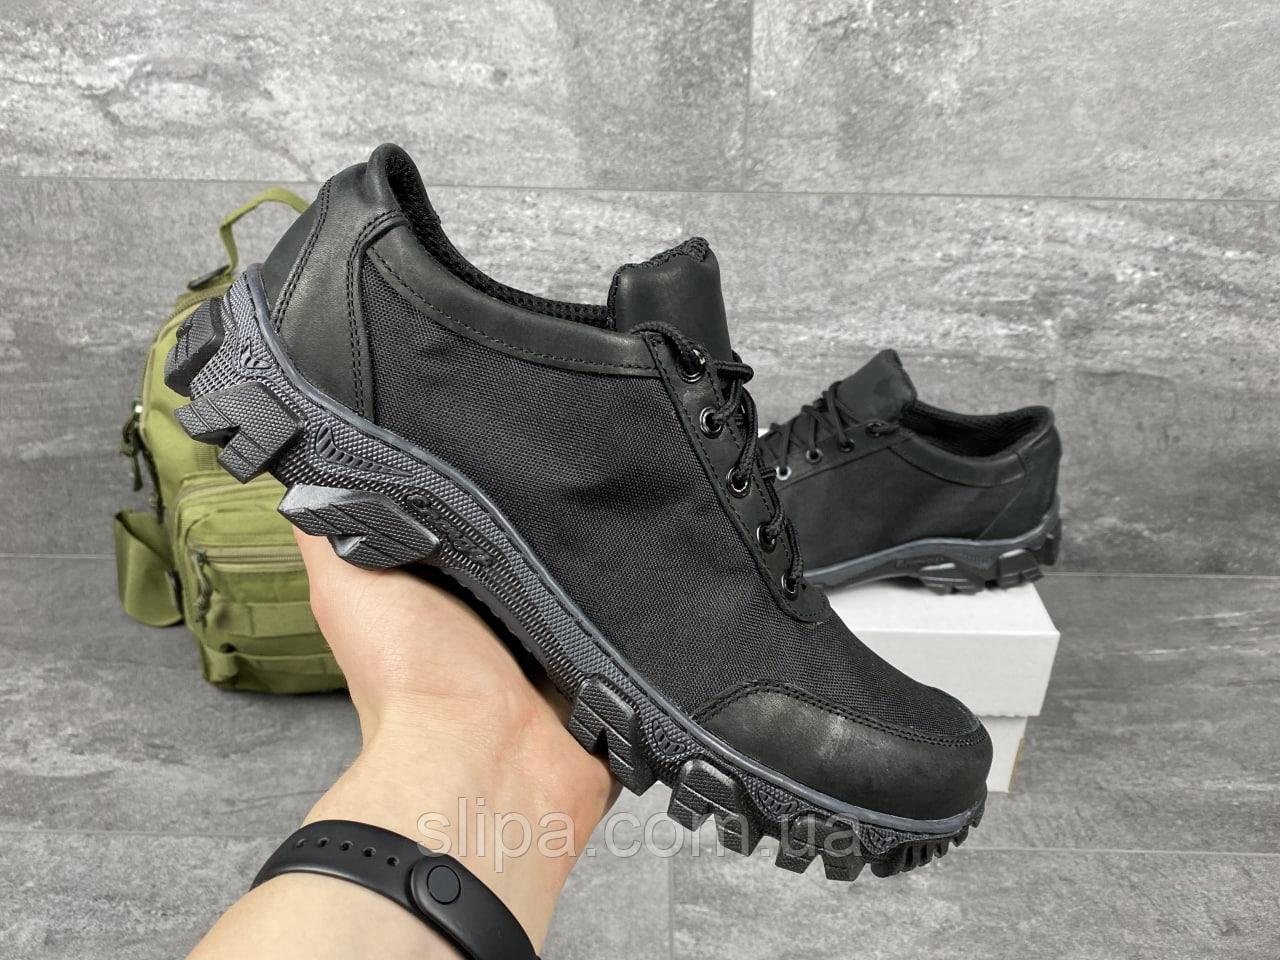 Тактичні кросівки Енерджі чорні   Україна   нейлон + поліуретан   прошиті